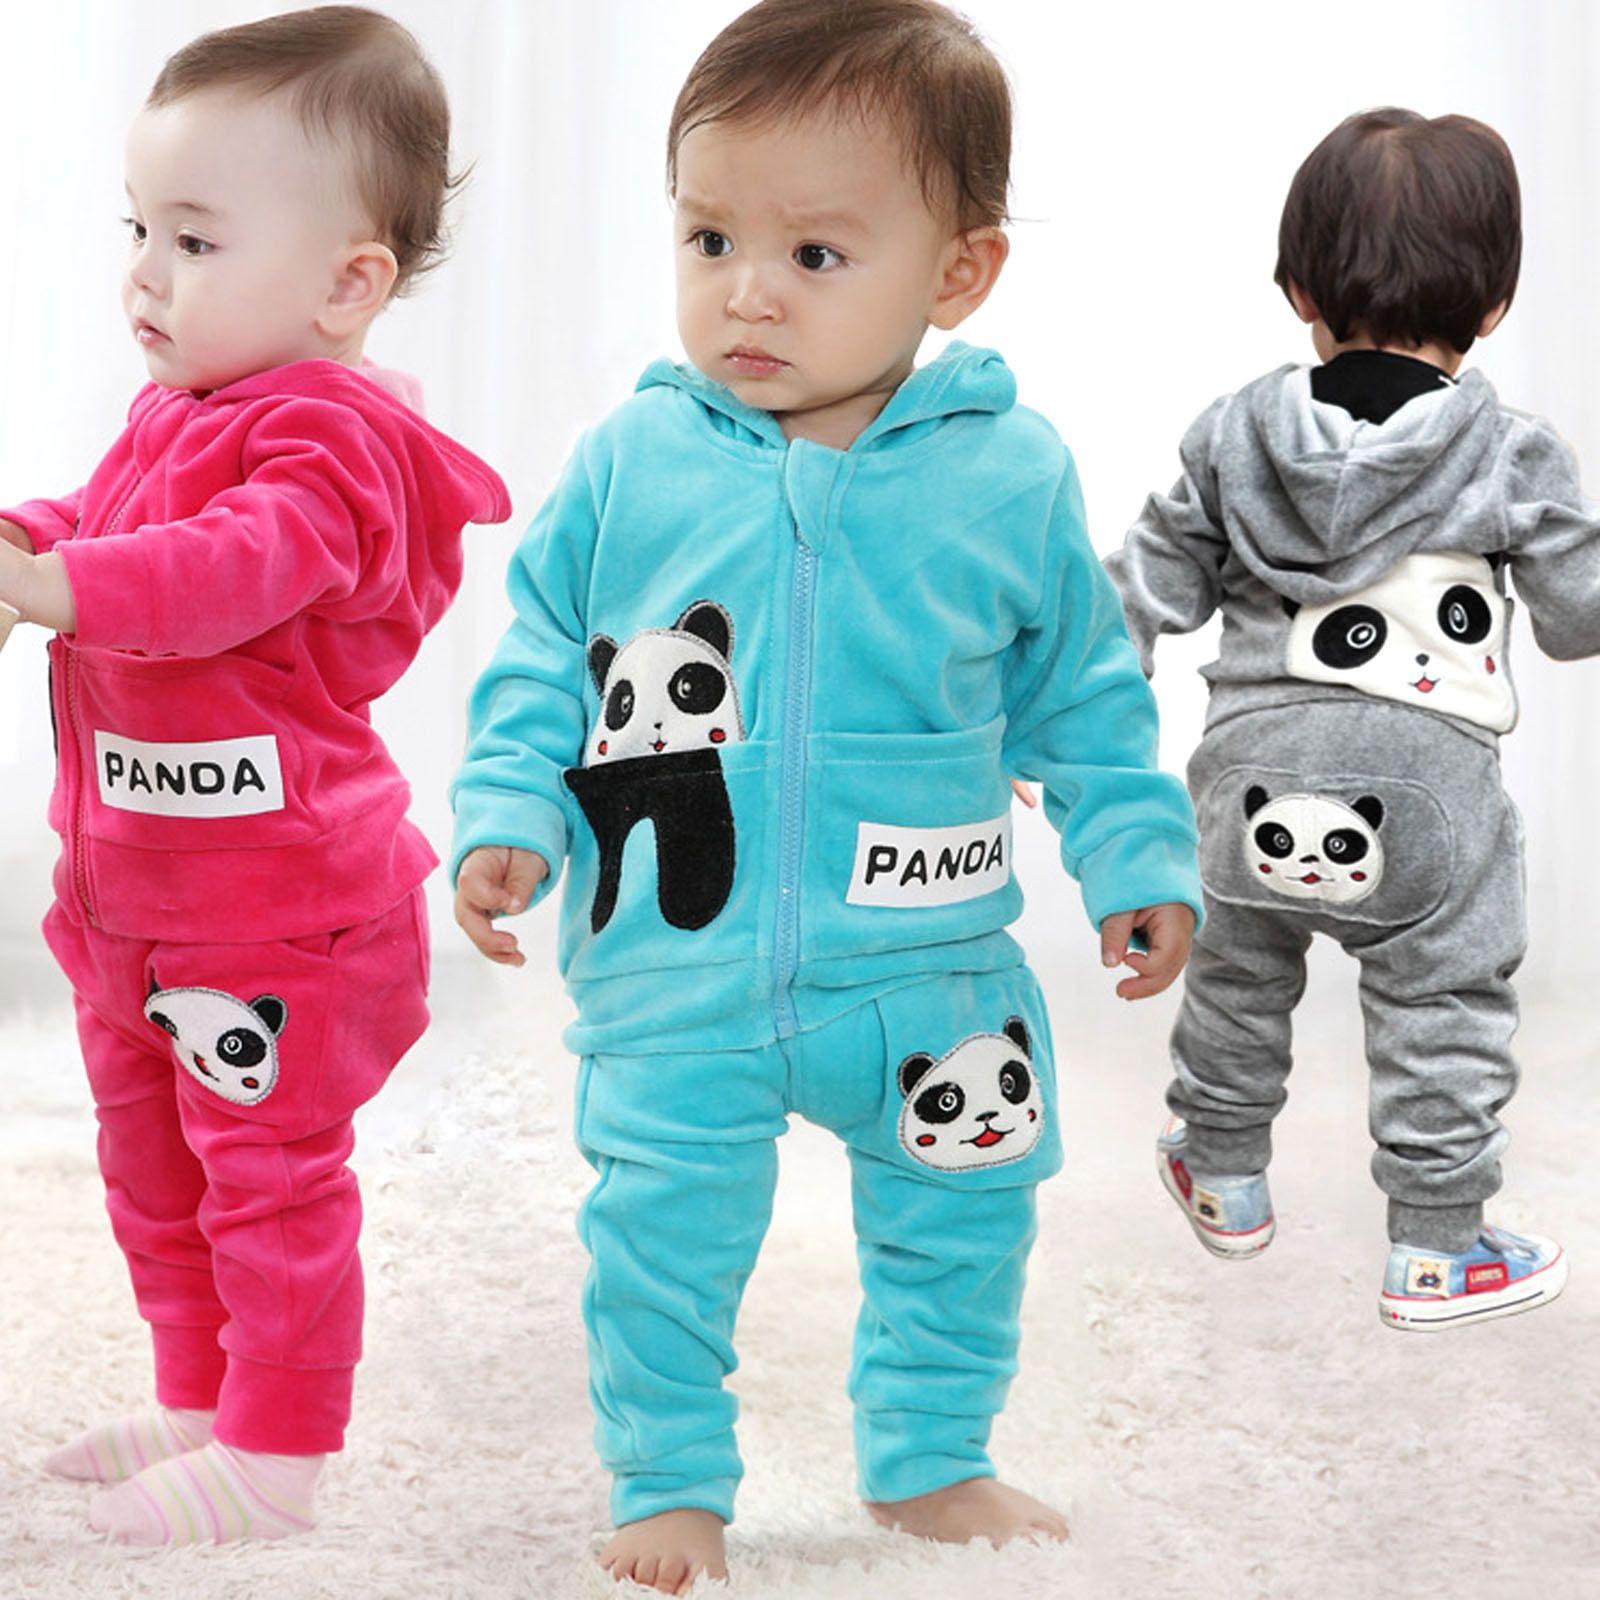 صورة ماركات ملابس اطفال ,تفصيلات ملابس فى غايه الروعه